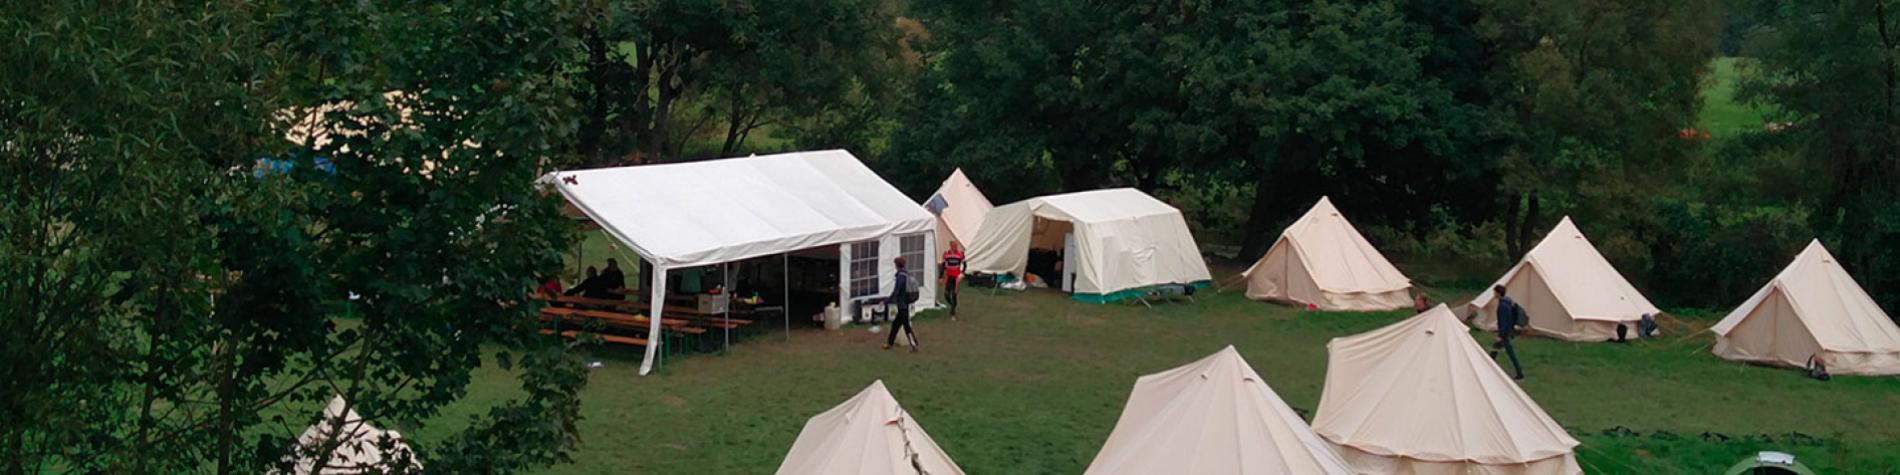 Camping-car - motorhome - air de stationnement - camping - vacances - Le Vieux Moulin